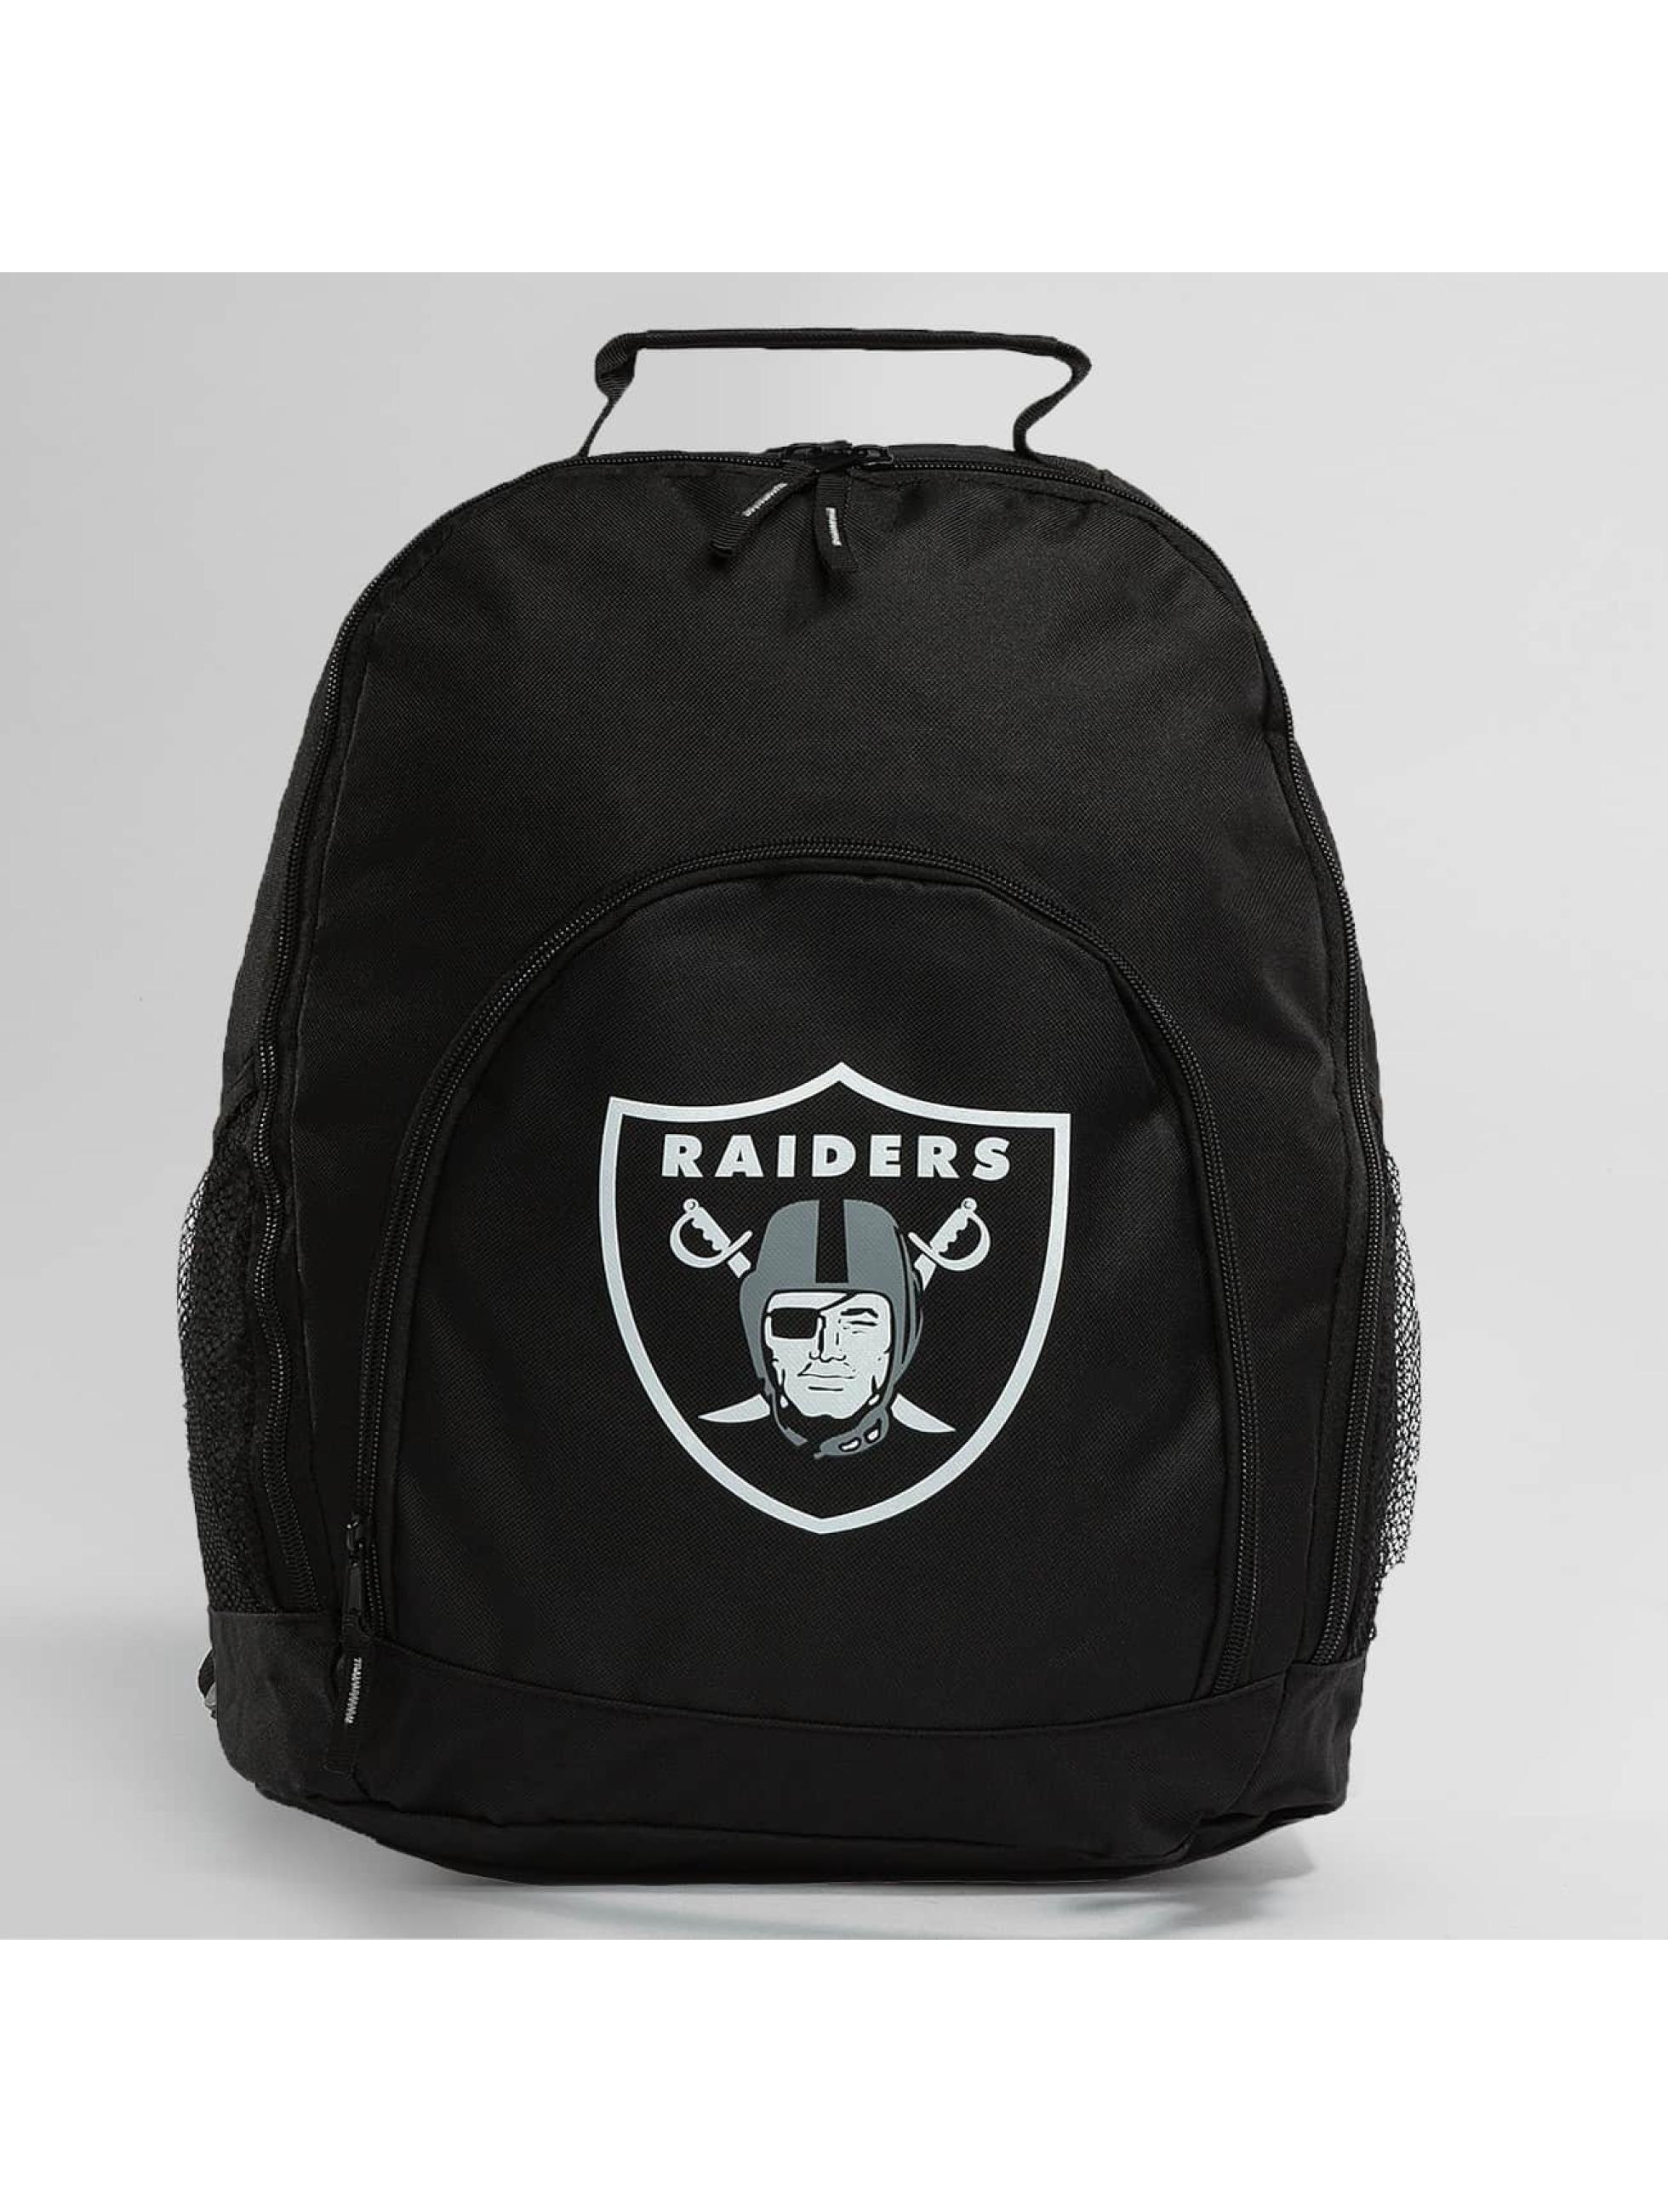 Forever Collectibles Männer,Frauen Rucksack NFL Oakland Raiders in schwarz